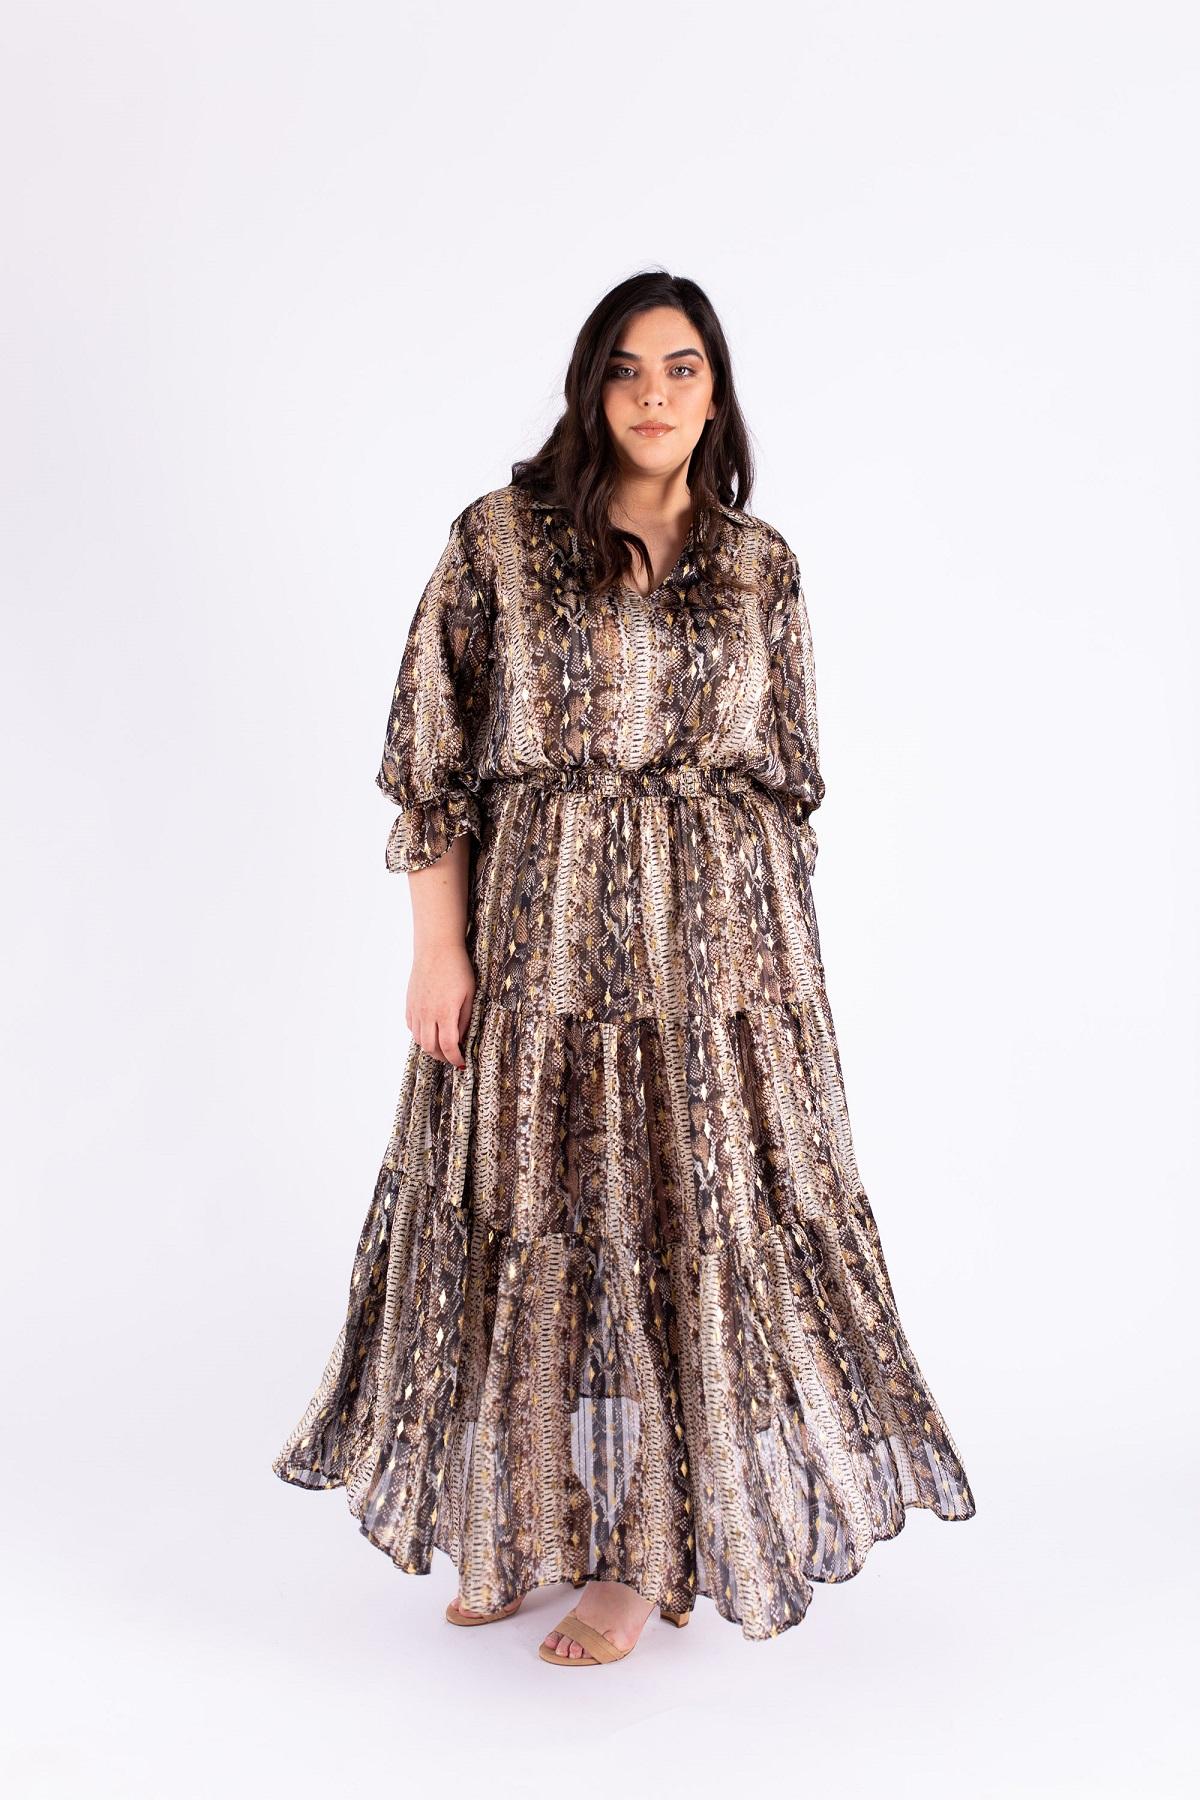 שמלת אווה מנוחשת זהב